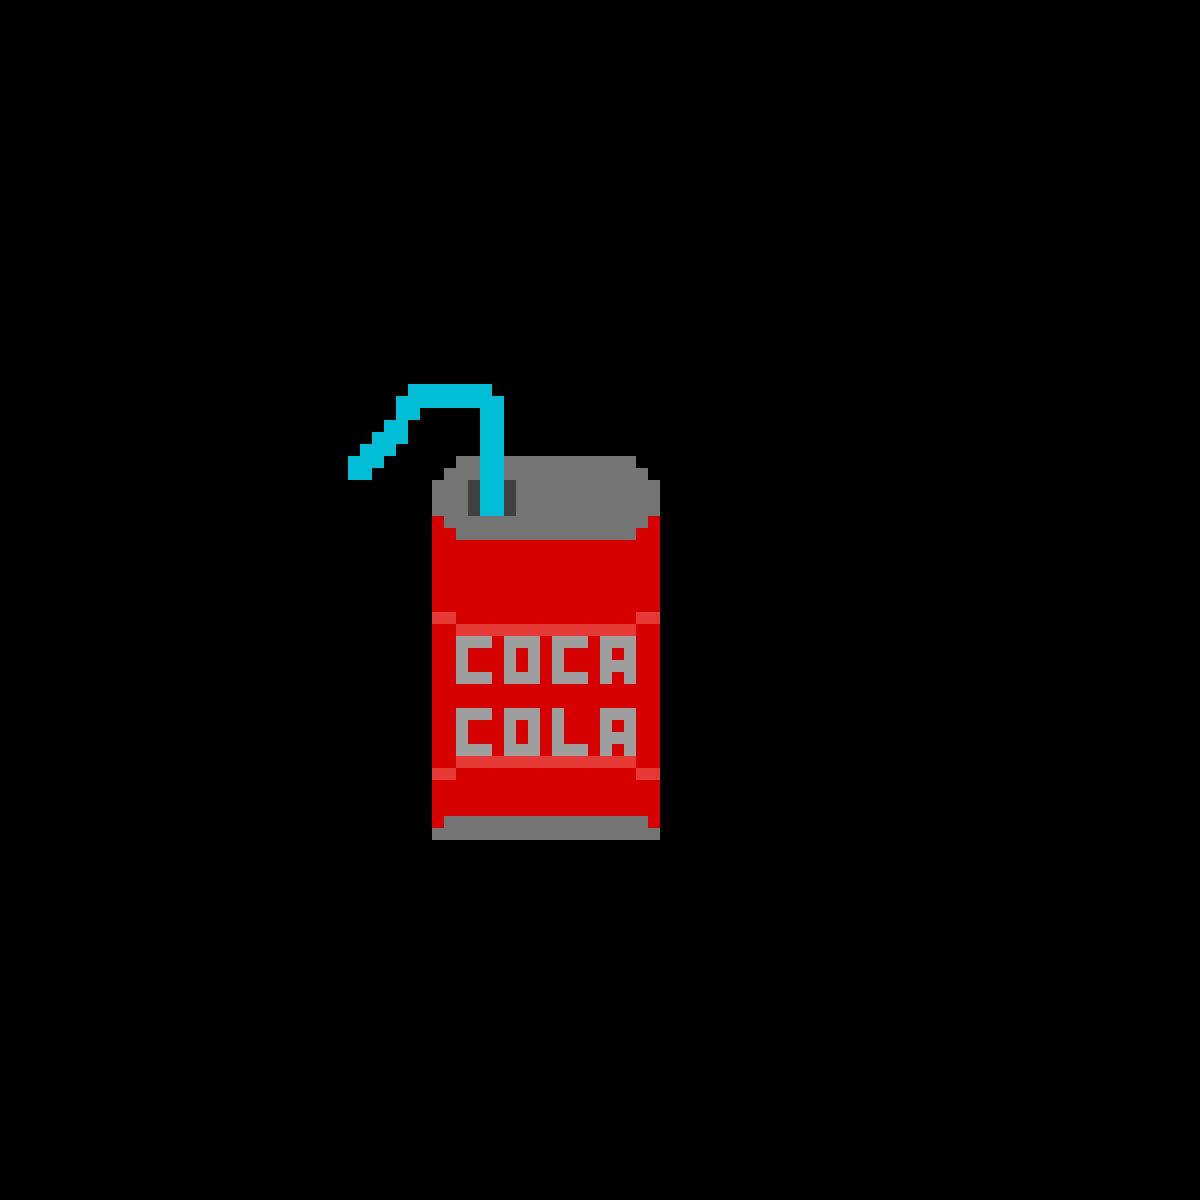 Coca Cola by SAVEISEN1307